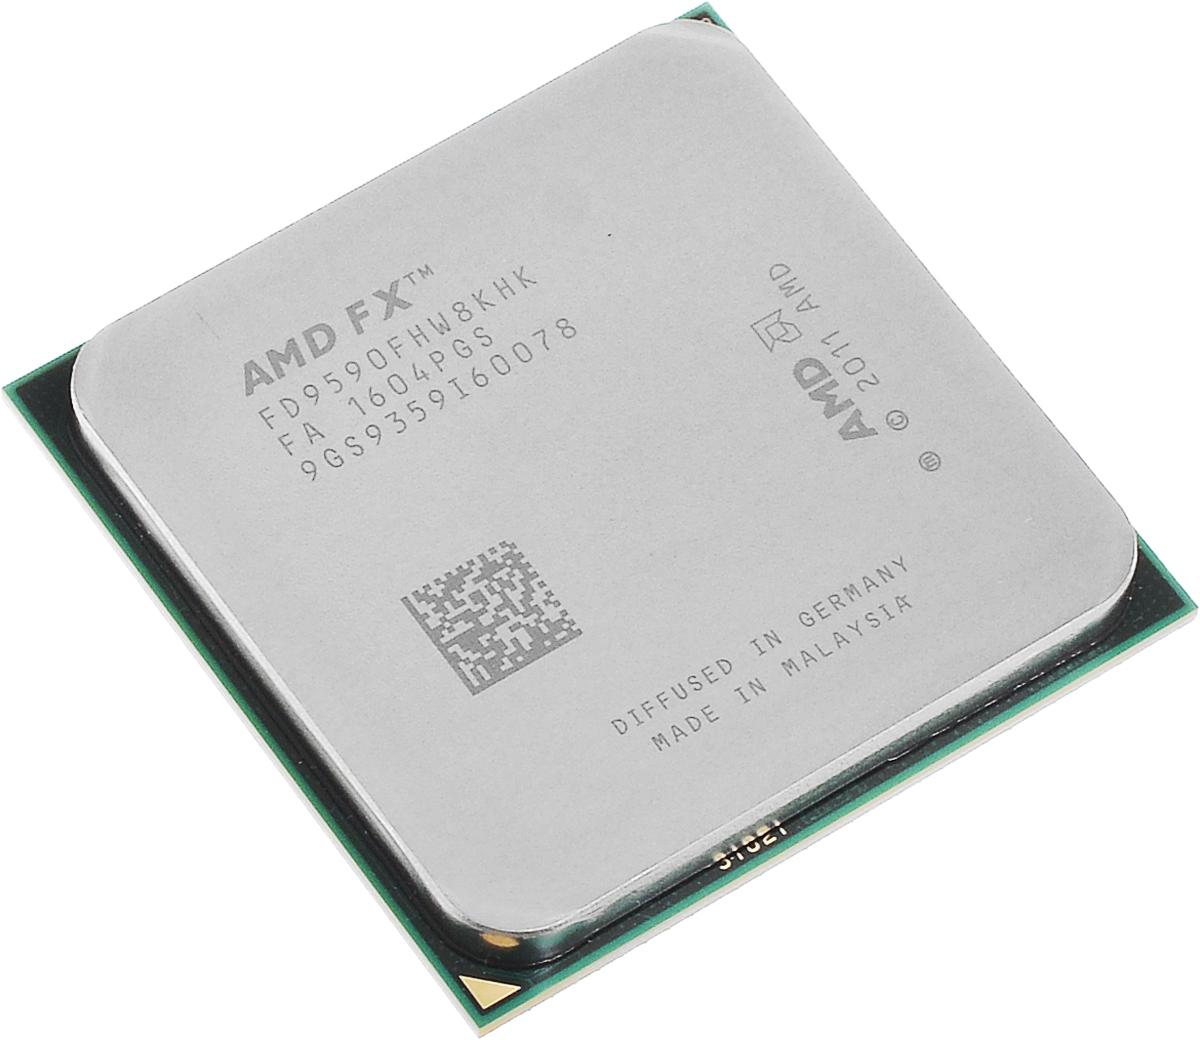 AMD FX-9590 процессор (FD9590FHW8KHK)FD9590FHW8KHKПроцессор AMD FX-9590 подойдет для настольных персональных компьютеров, основанных на платформе AMD. Данная модель имеет разблокированный множитель, а также встроенный двухканальный контроллер памяти DDR3. Процессор поддерживает все основные технологии AMD: AMD64 Enhanced Virus Protection, HyperTransport, PowerNow! / CoolnQuiet, Turbo Core 3.0, Virtualization